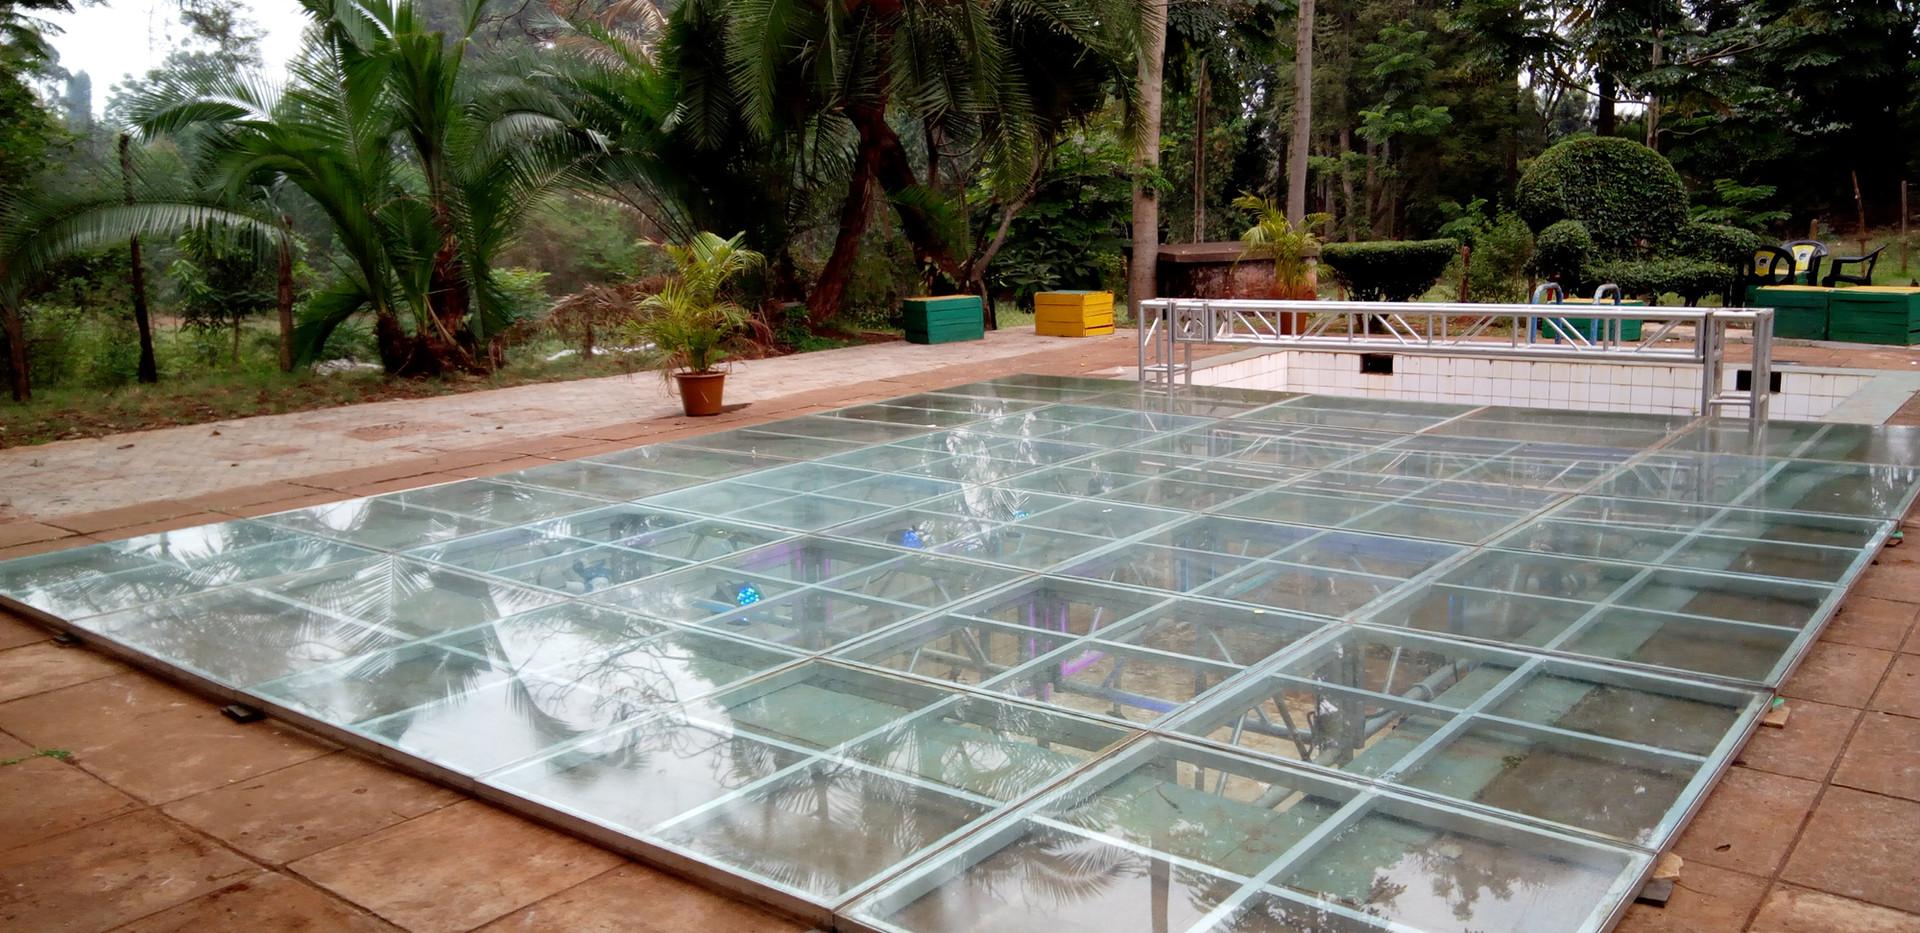 Pool Setups